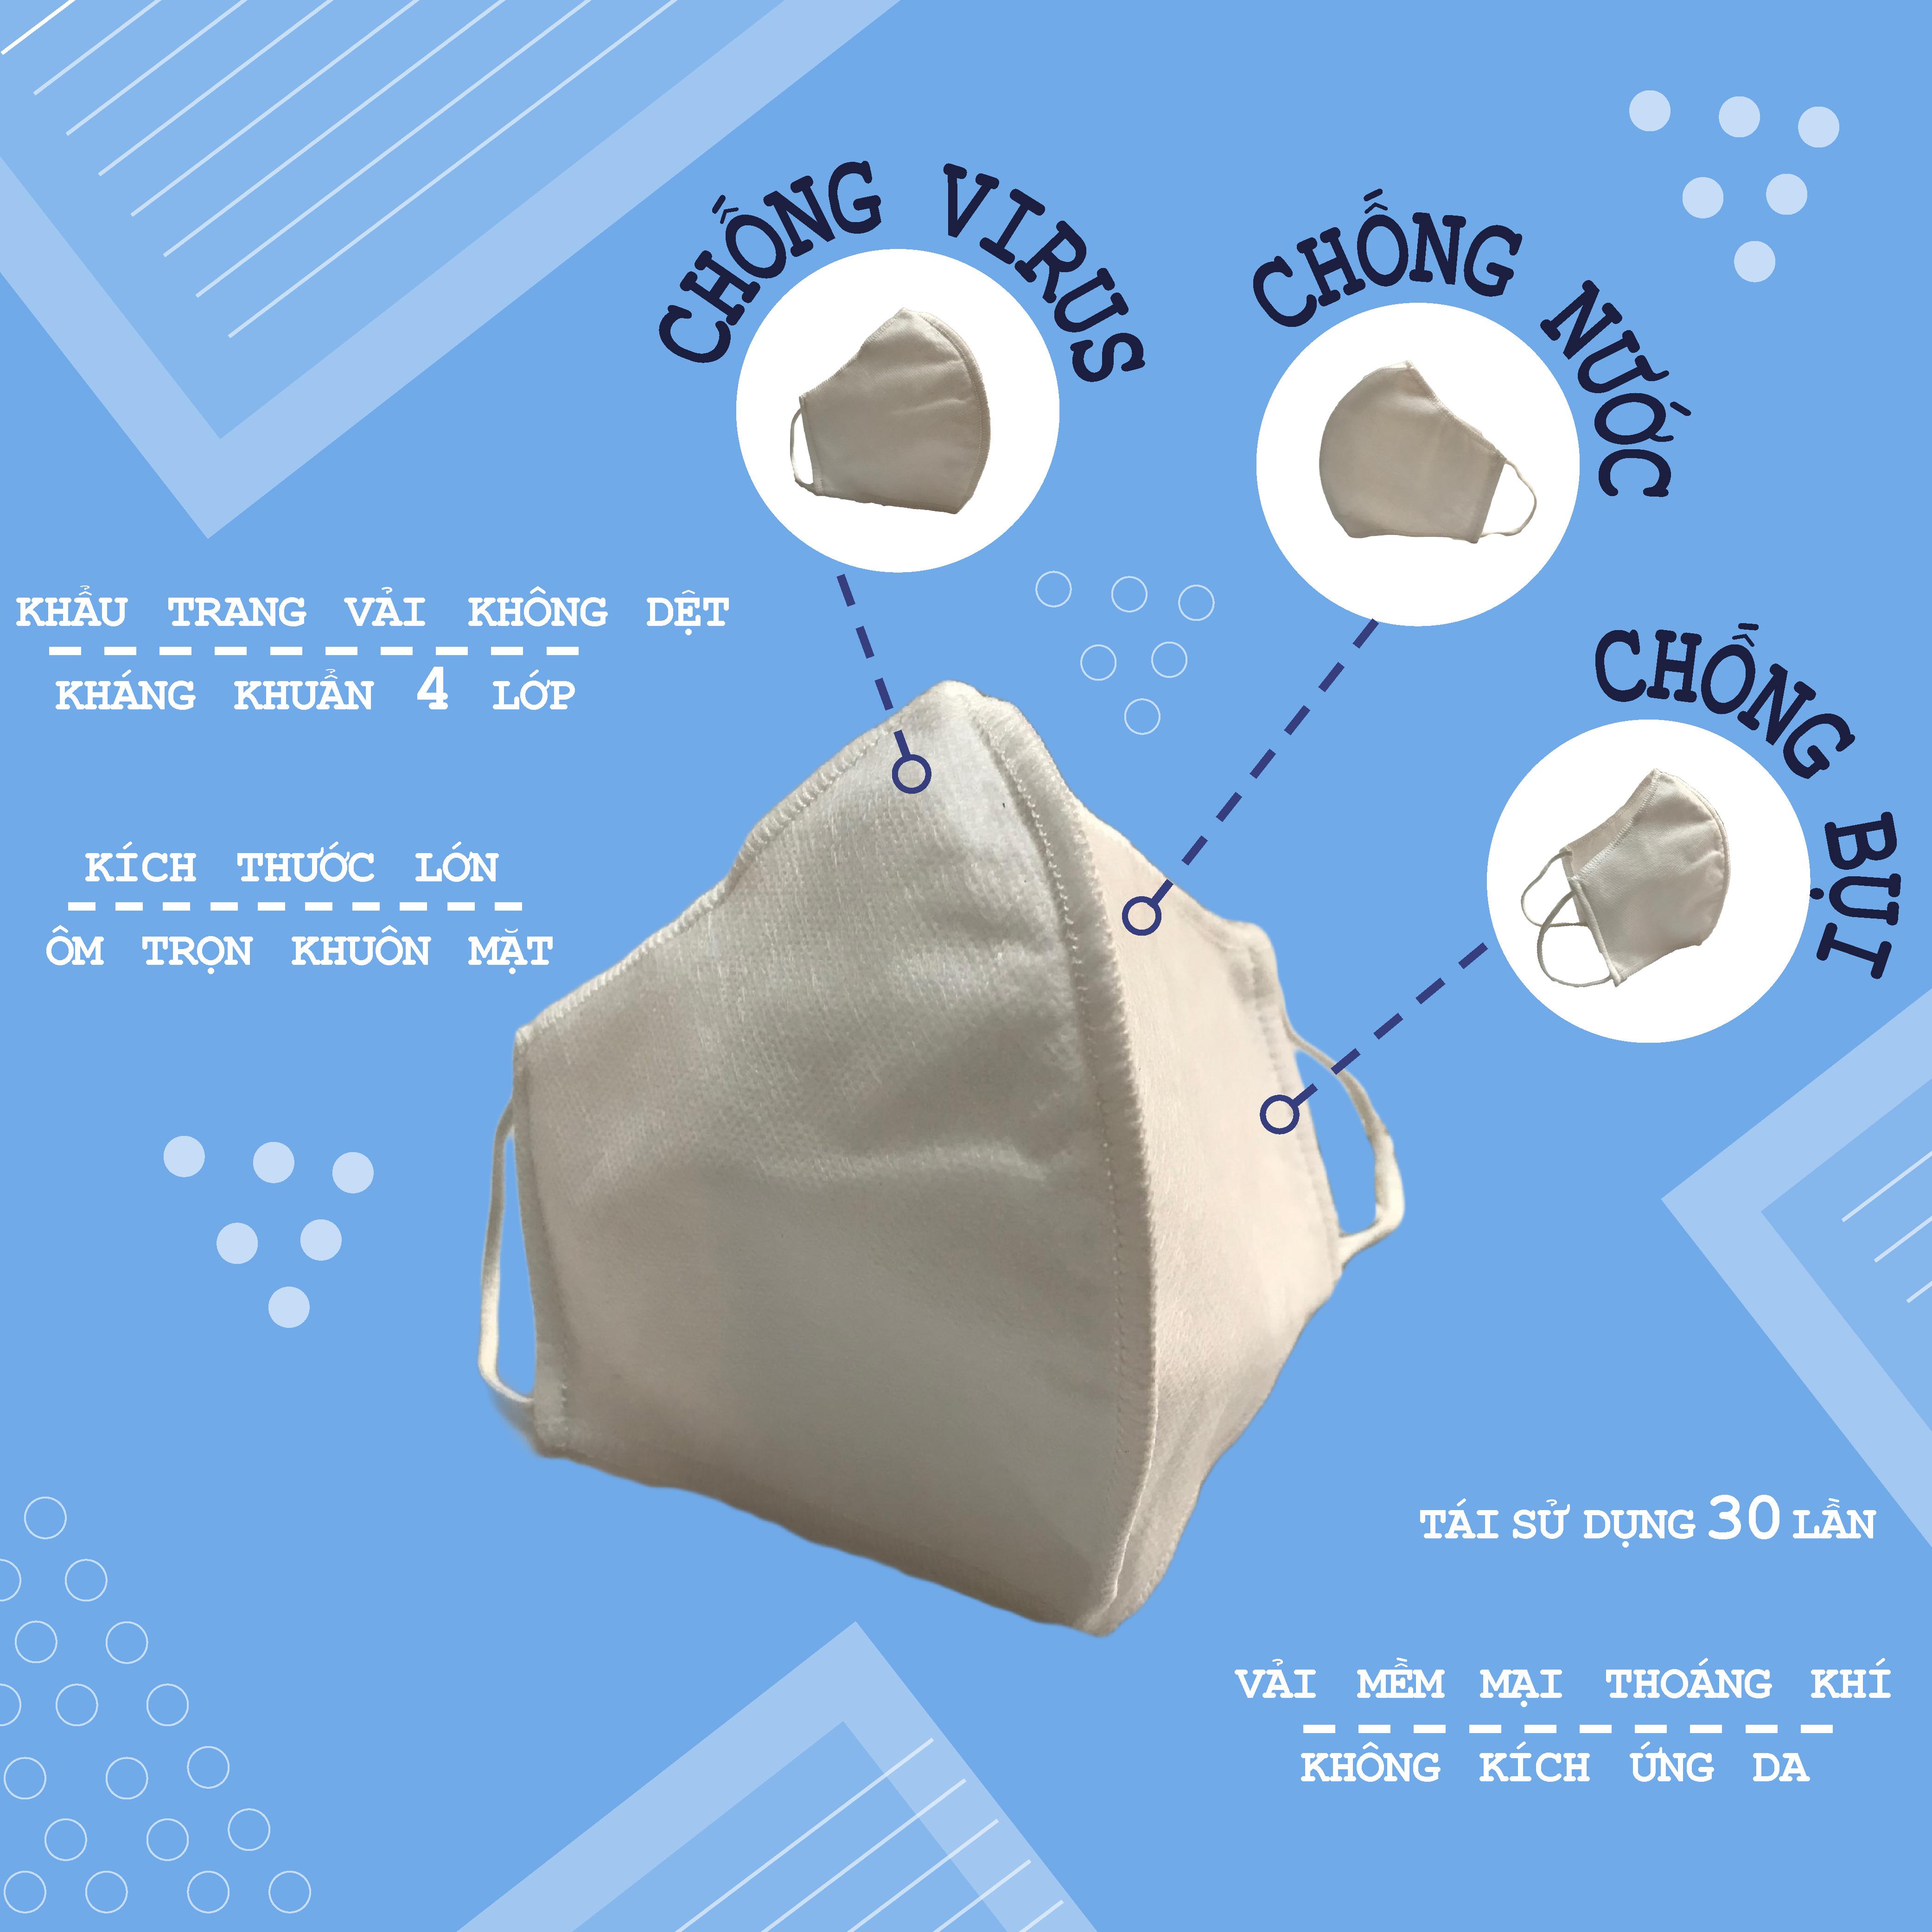 Hình ảnh Set 5 chiếc khẩu trang vải không dệt kháng khuẩn 4 lớp, tái sử dụng 30 lần, ngăn ngừa khói, bụi, vi khuẩn xâm nhập, kích thước rộng rãi, lớp vải mềm mại, thoáng khí, không gây kích ứng da, bảo vệ tối đa cho người sử dụng.